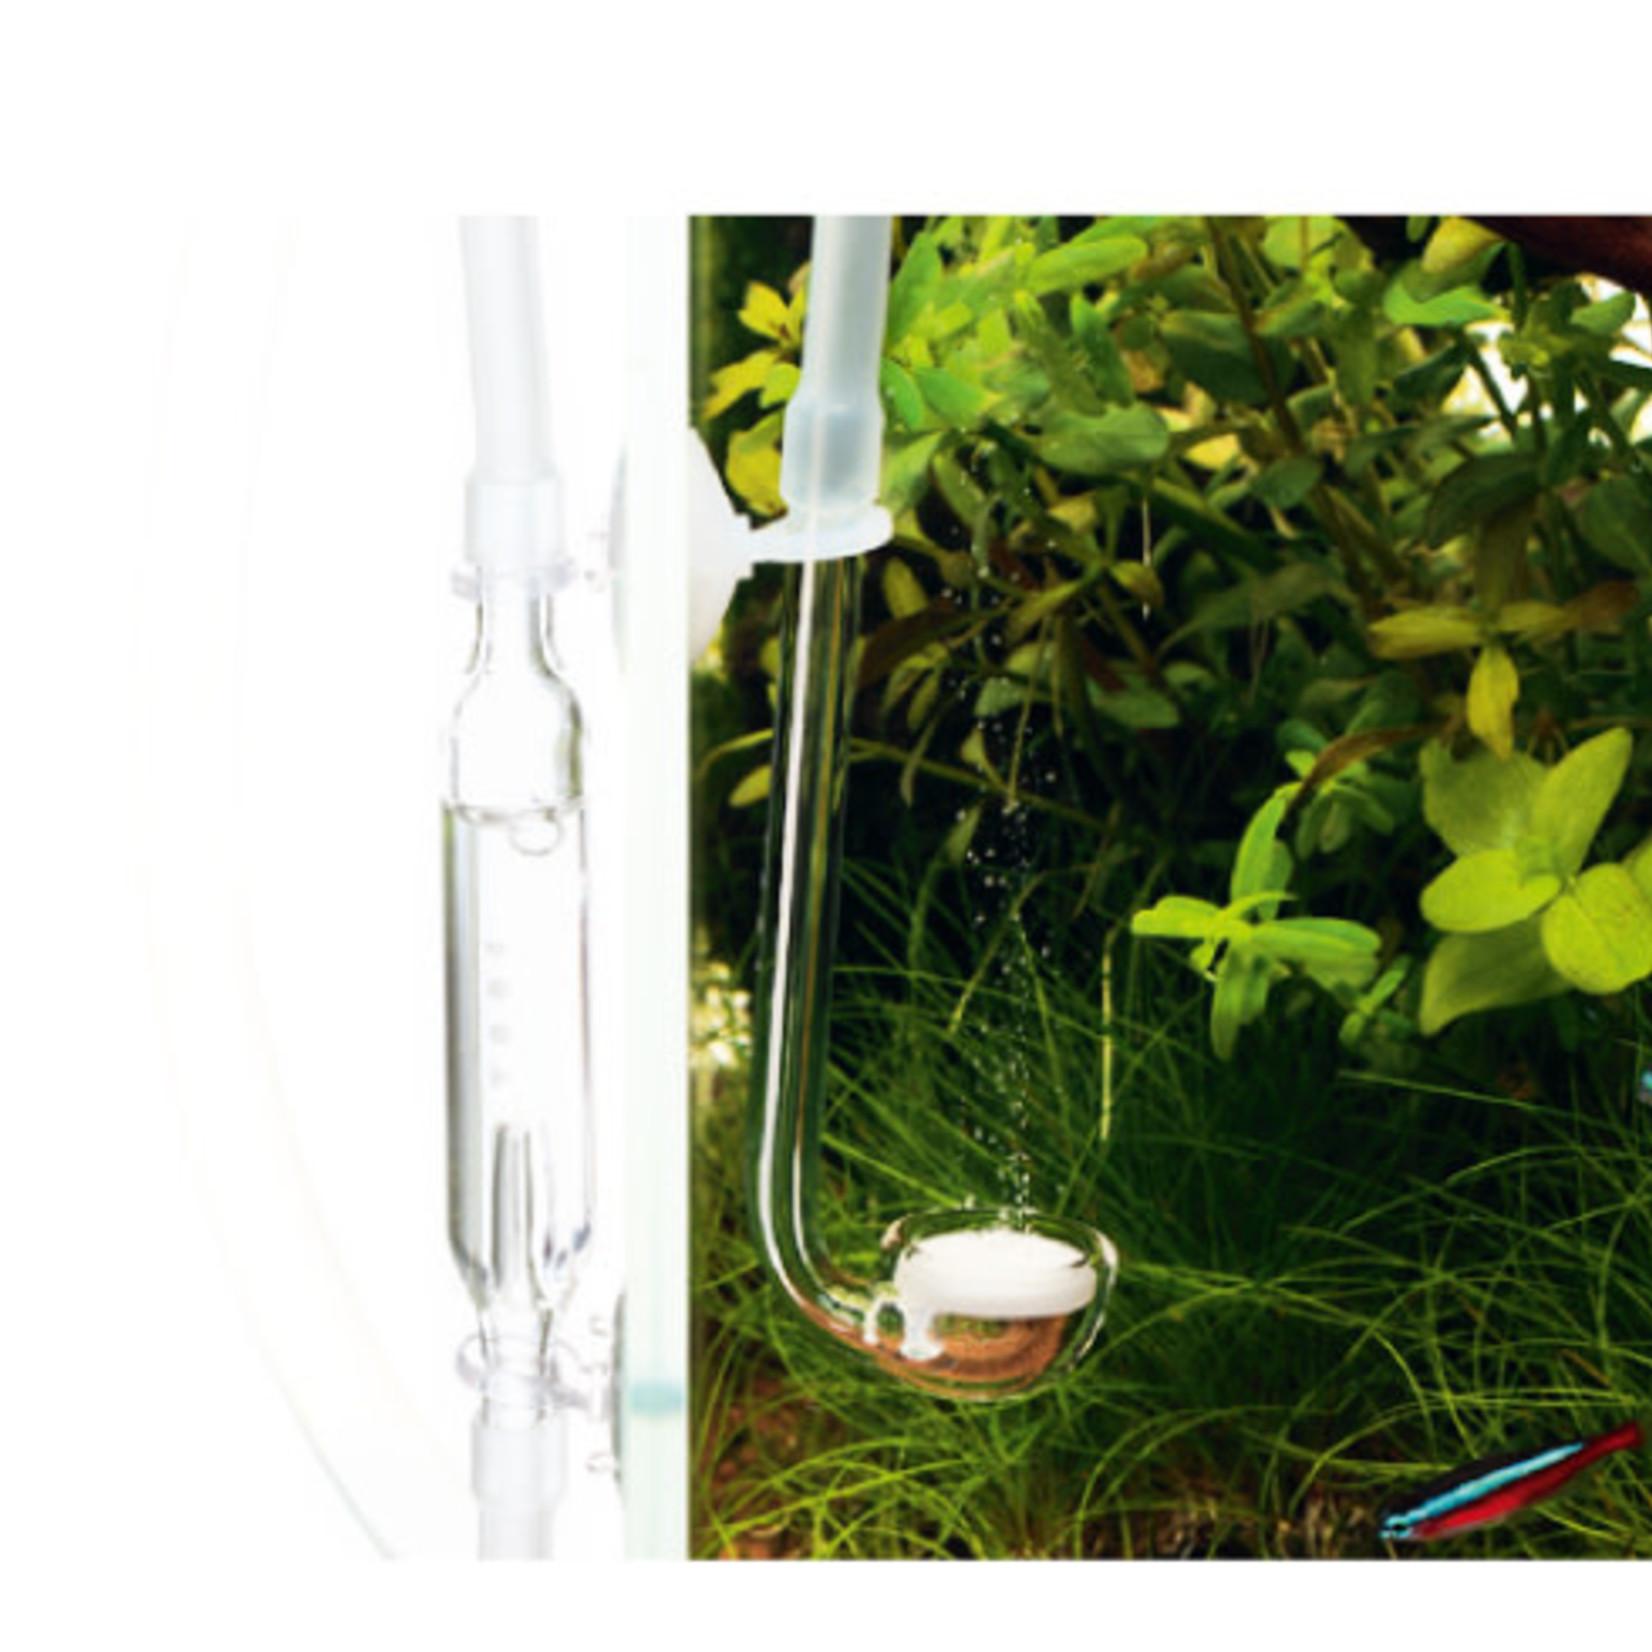 DOOA CO2 Mini Diffuser